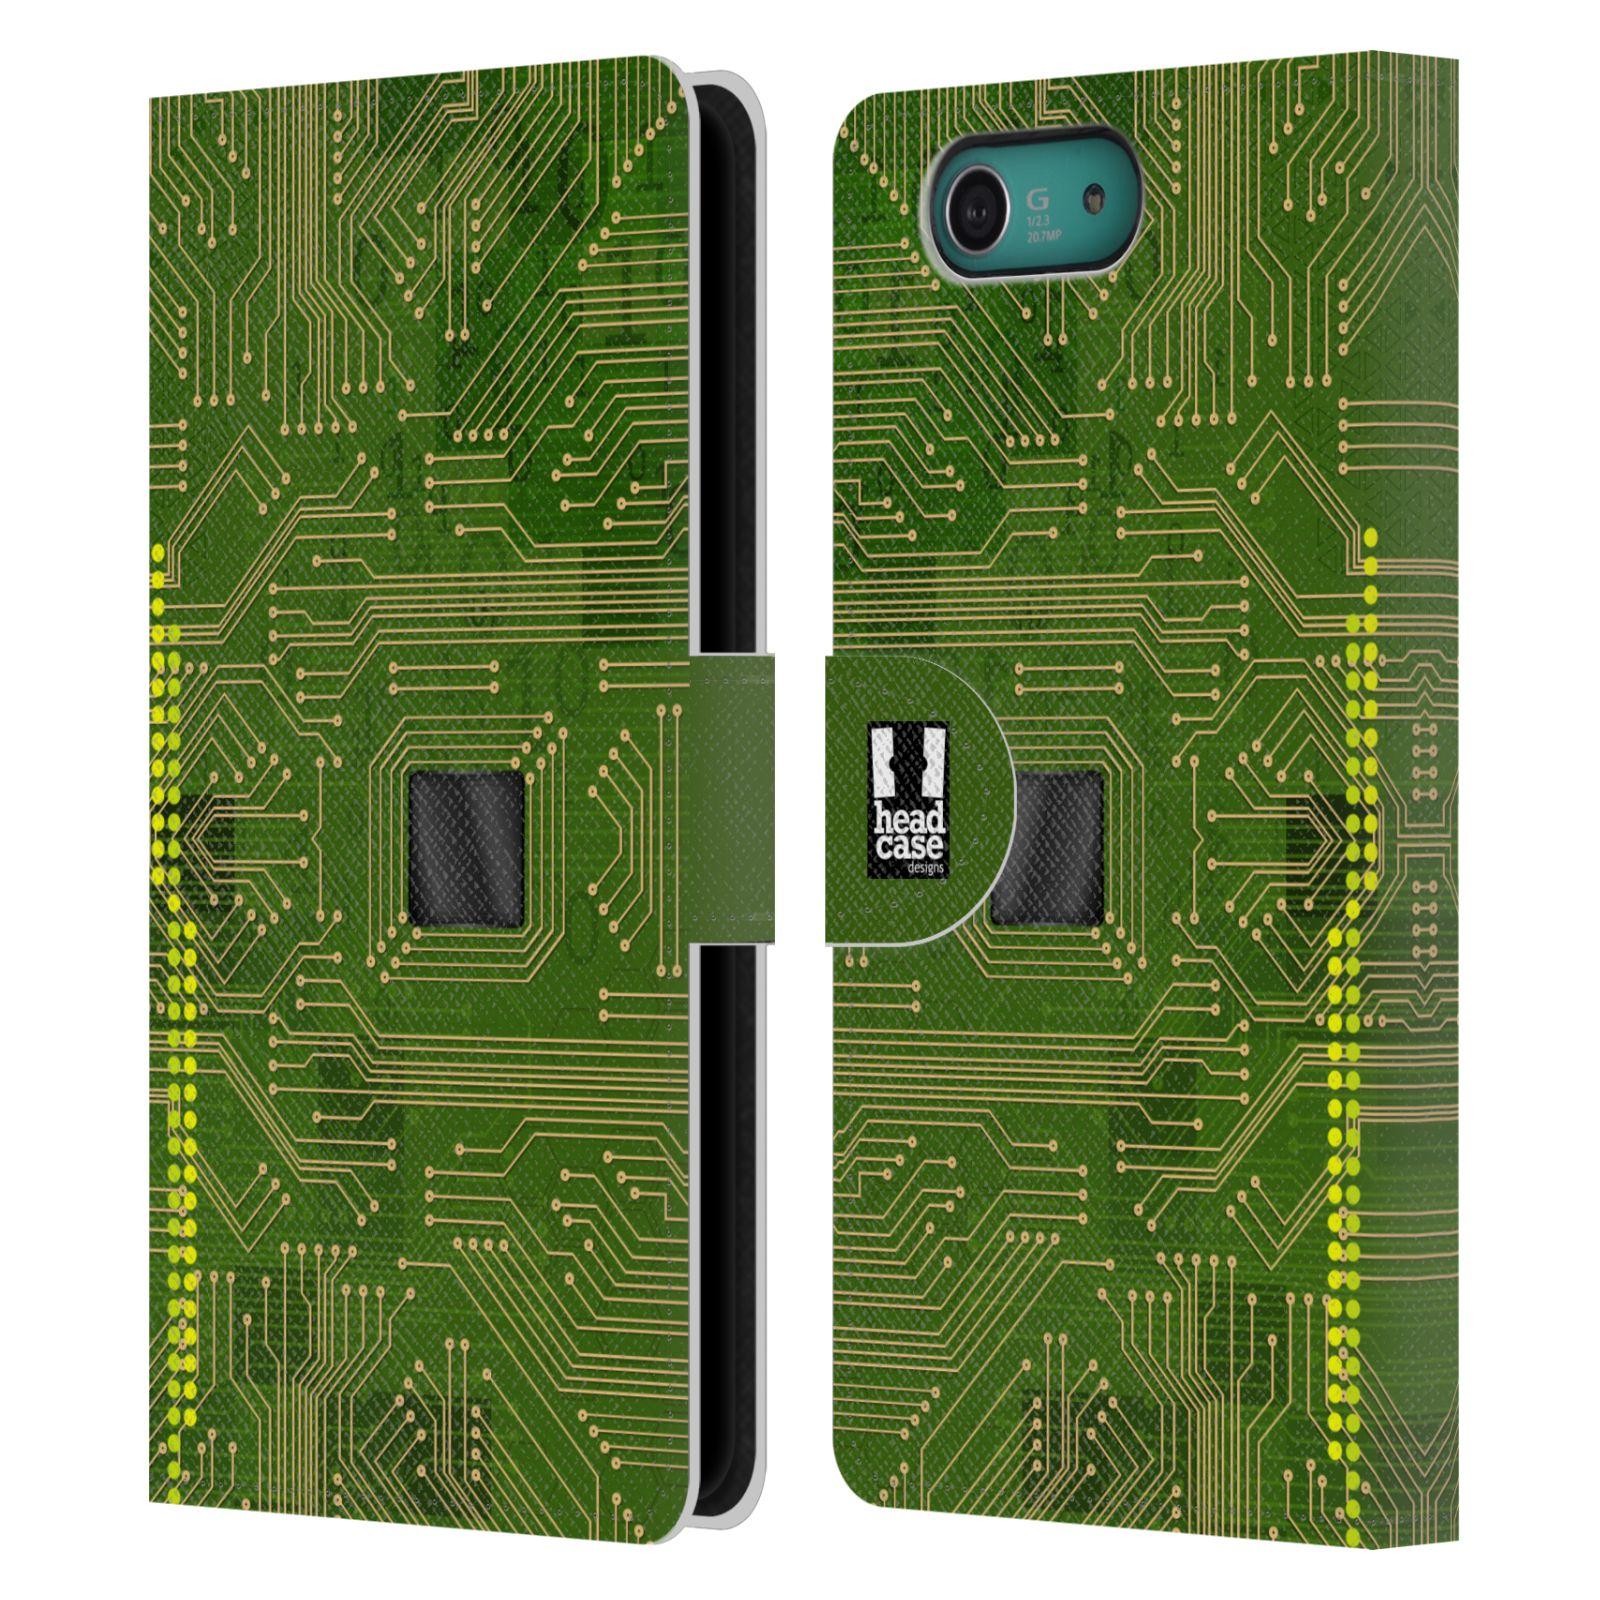 HEAD CASE Flipové pouzdro pro mobil SONY XPERIA Z3 COMPACT počítač základní deska zelená barva